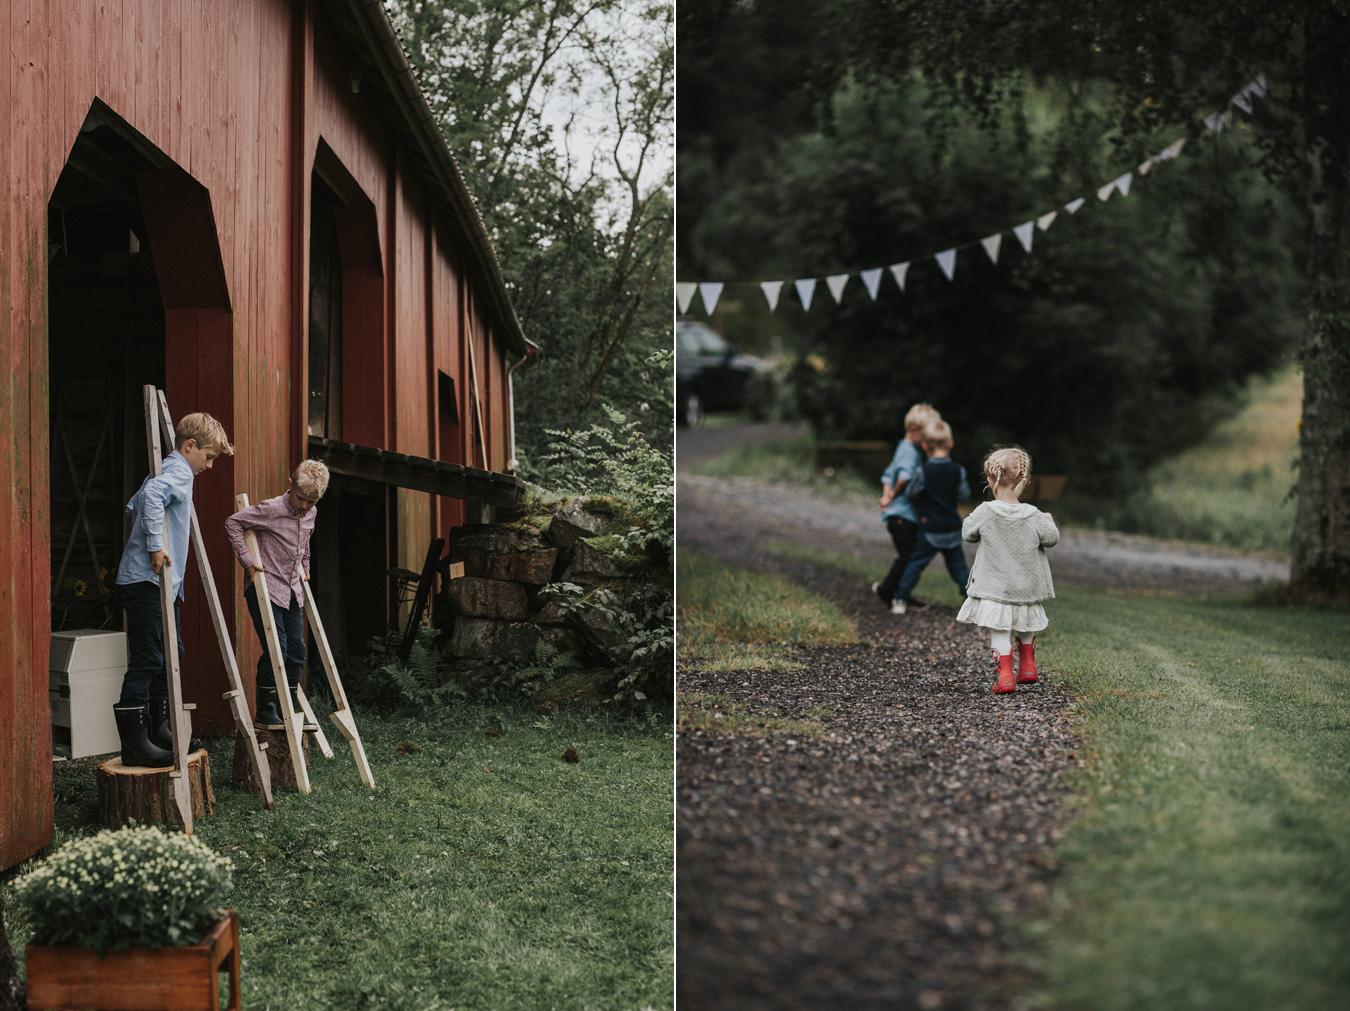 030-bryllupsfotograf-oslo-drobak-laavebryllup-tone-tvedt.jpg